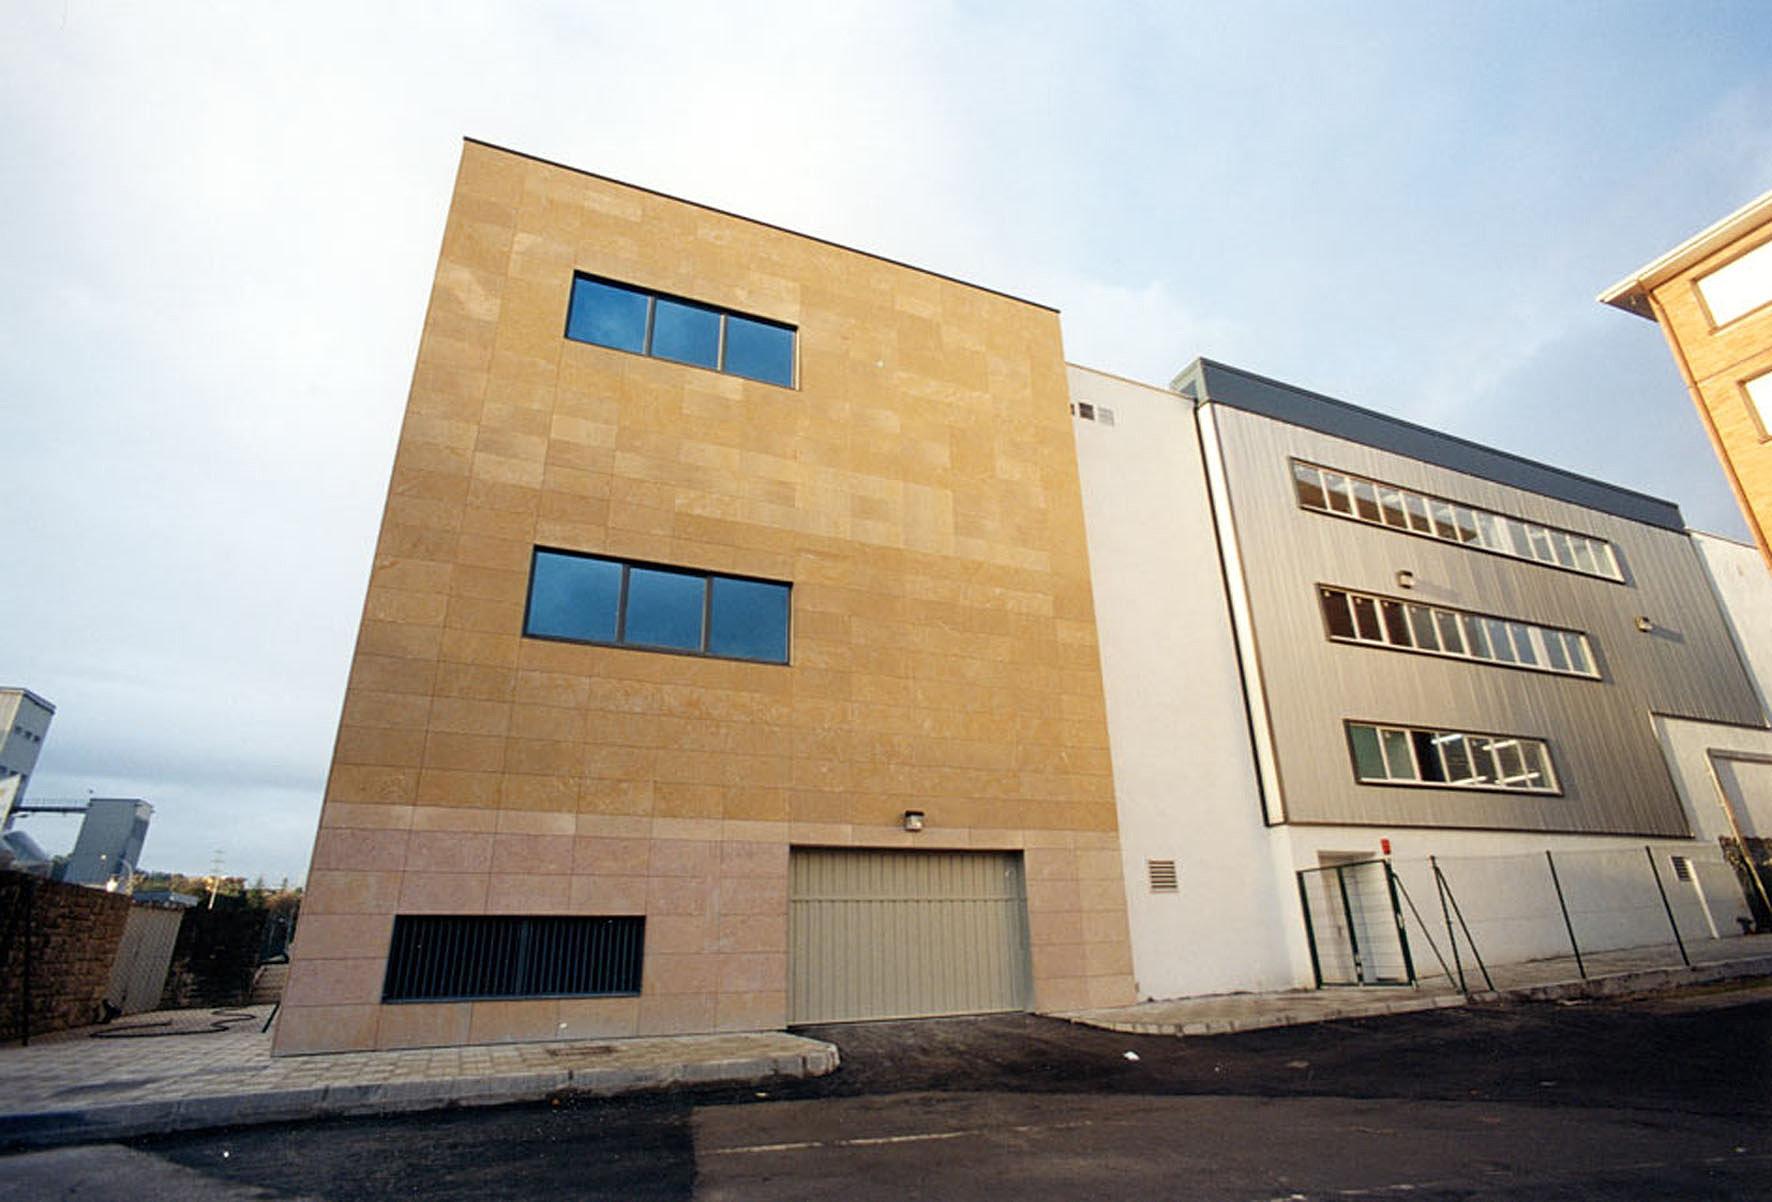 Arquitectos bilbao vizcaya estudio de arquitectura bilbao - Estudios de arquitectura en bilbao ...